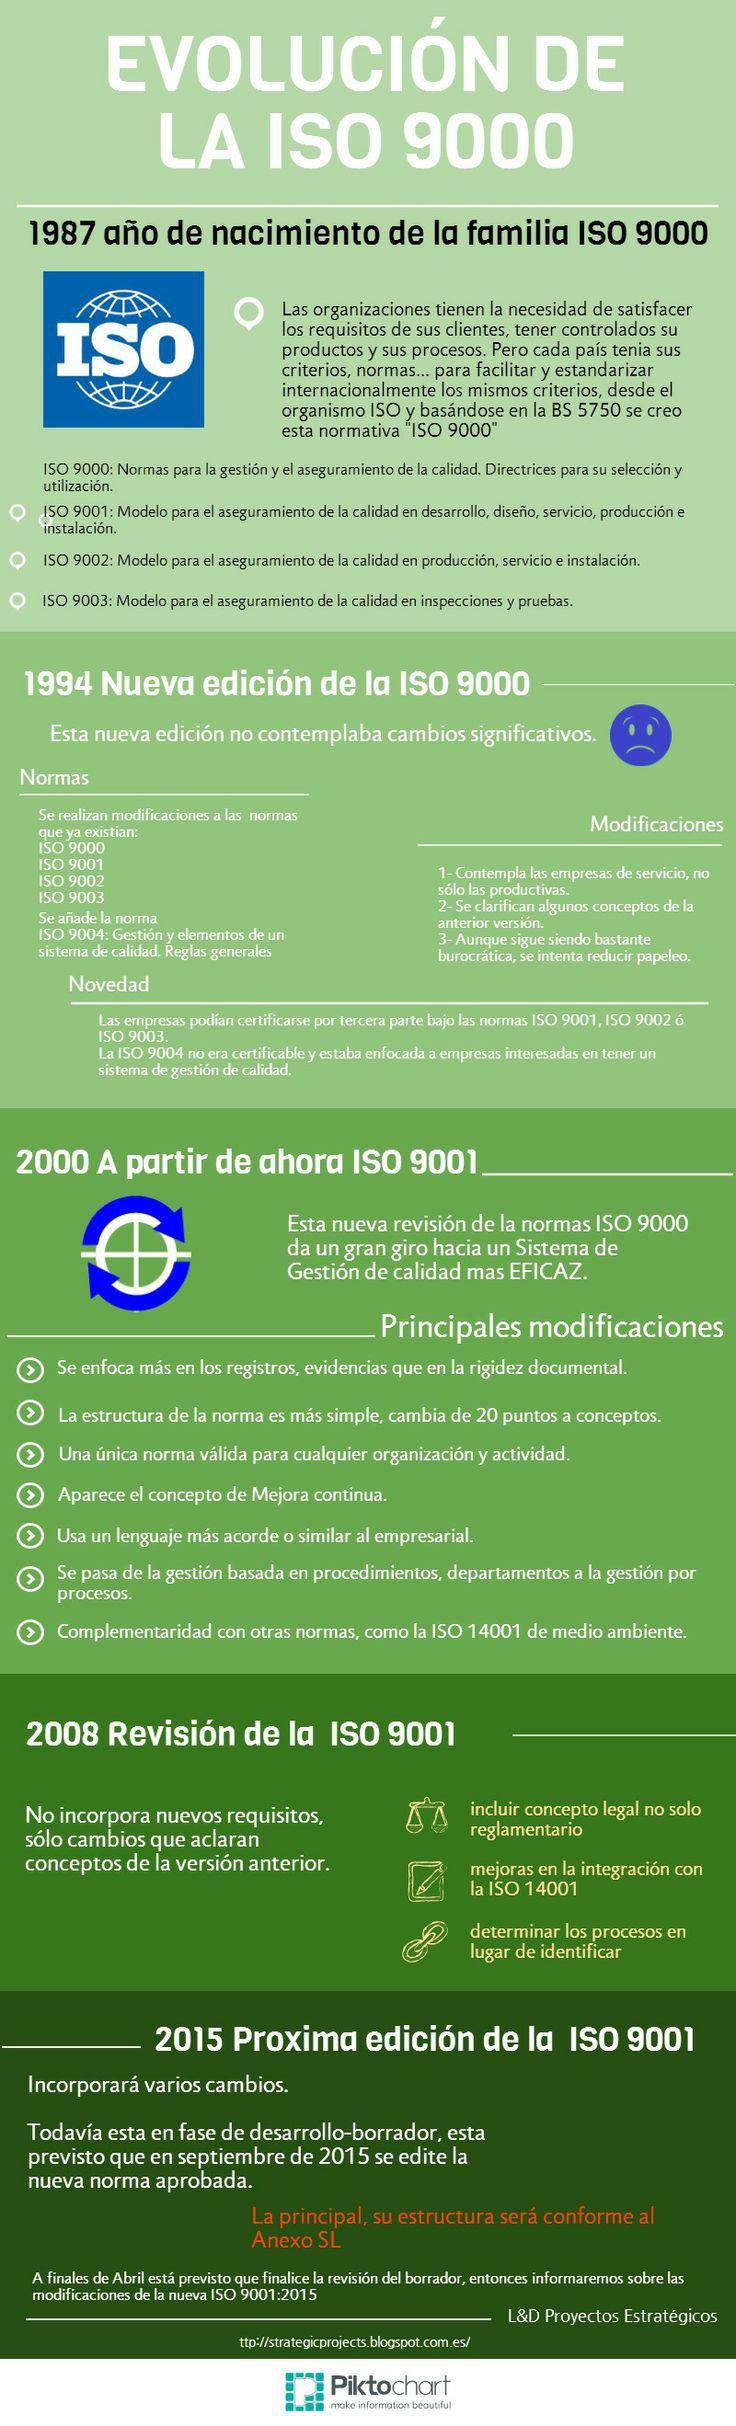 Evolución De La Iso 9000 Infografia Infographic Calidad Gestion Empresarial Evolucion Administracion De Empresas